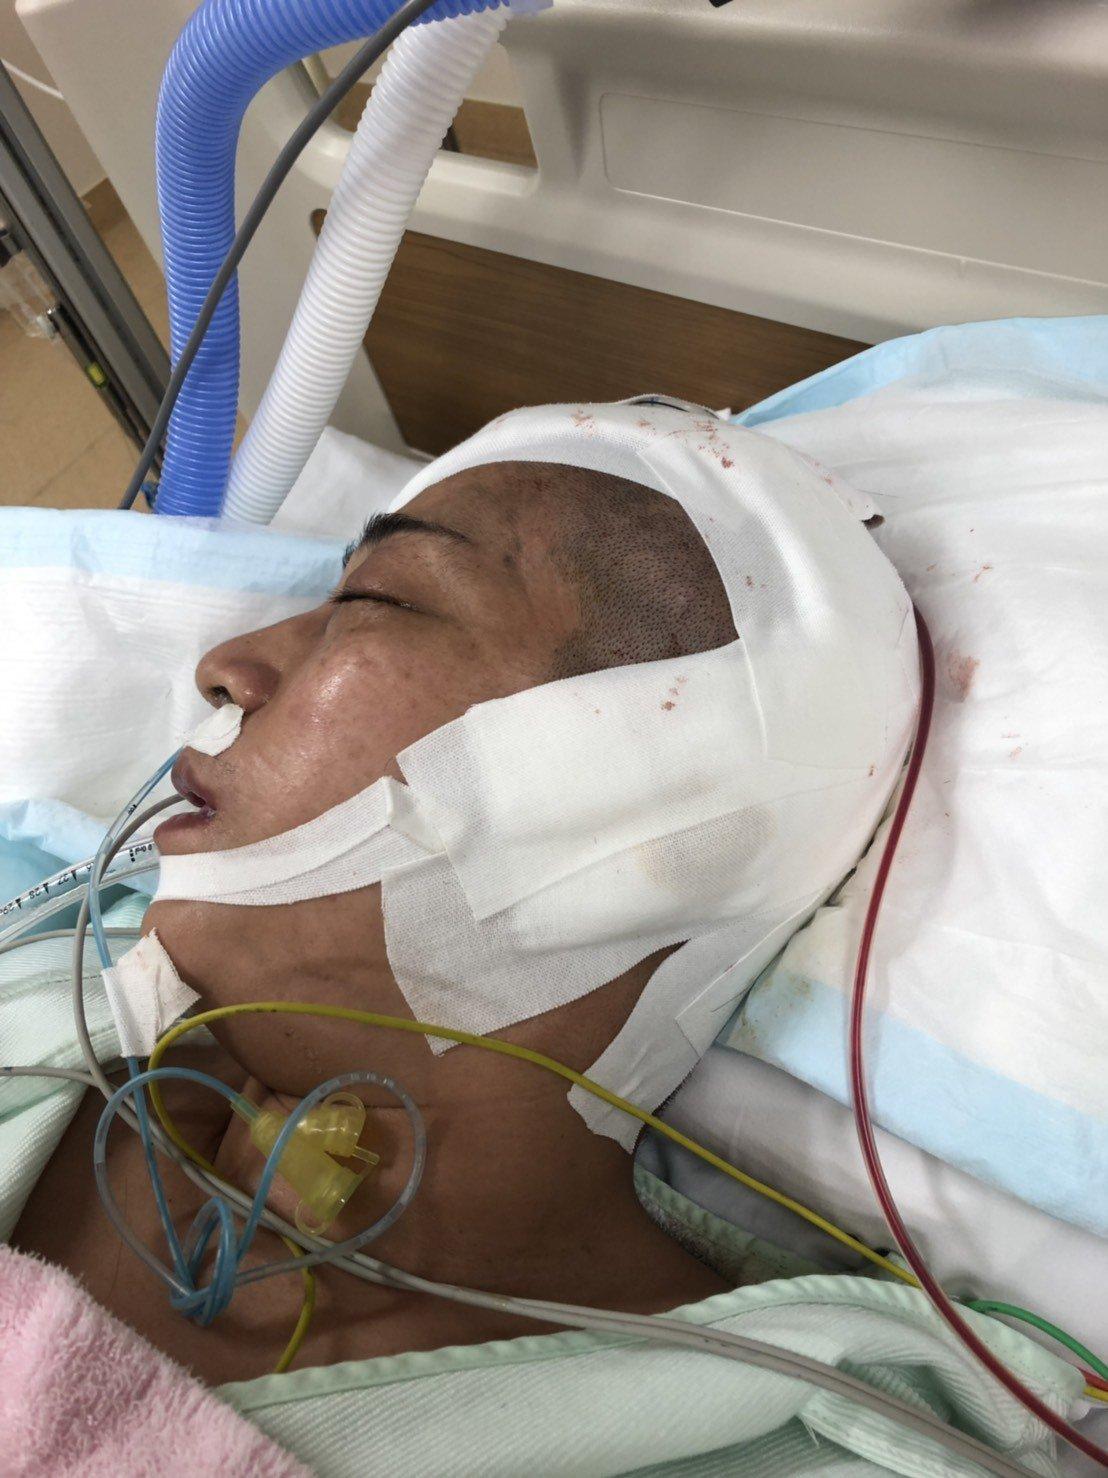 台中市婦人張翊湄(右)在日本不幸腦血管瘤破裂,累積上千萬元的醫藥費無力支付,台中...